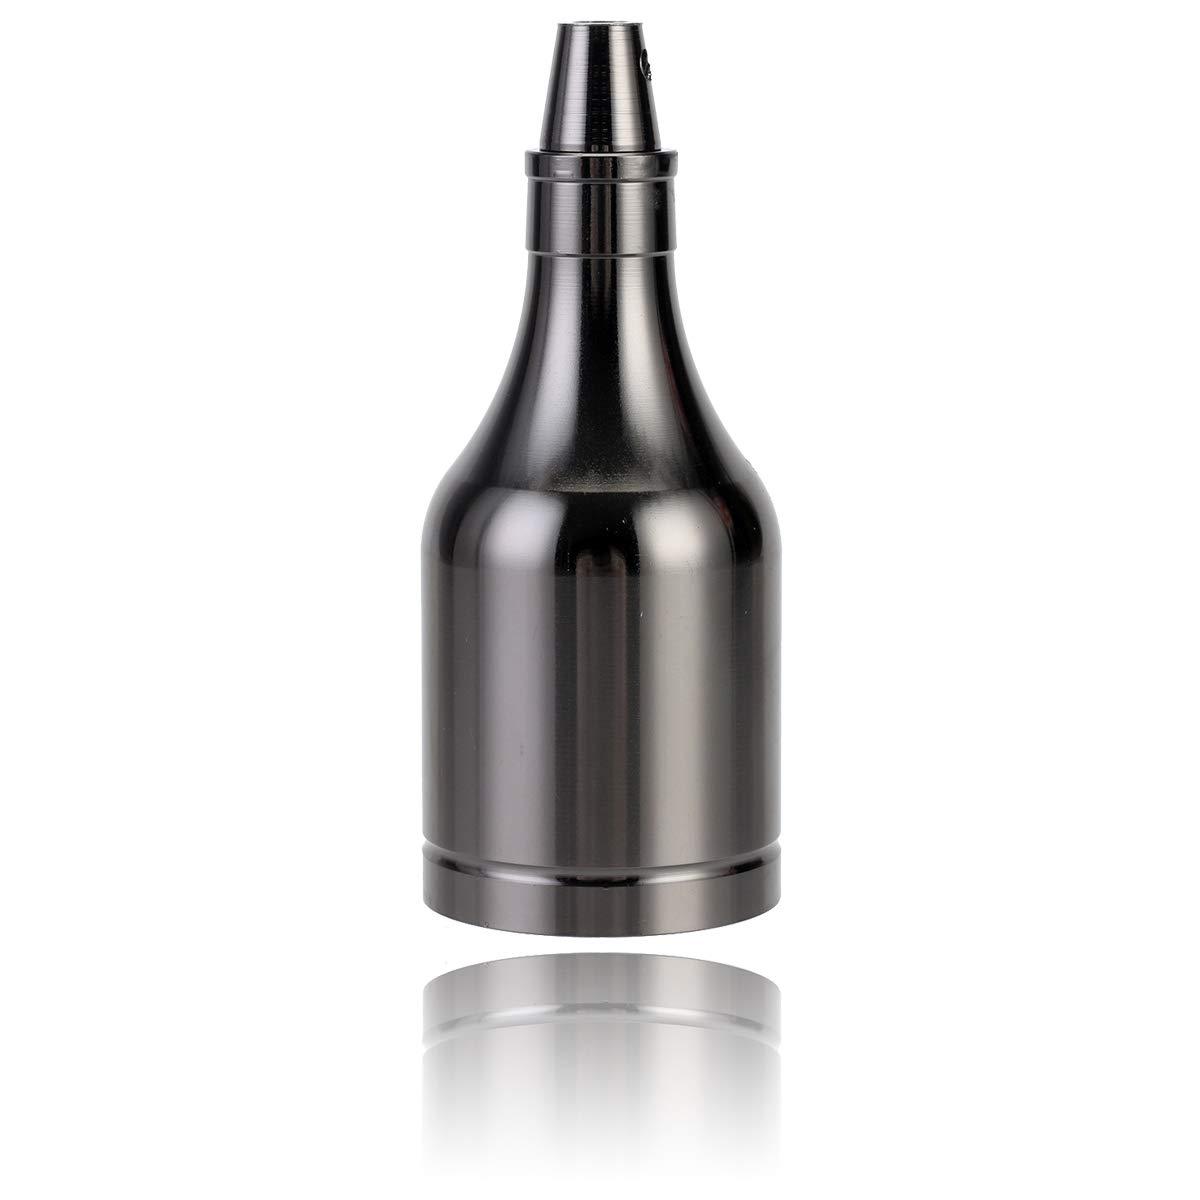 6X Noir GreenSun LED Lighting Bouteille Style Edison E27 Titulaire Douille Socket Lampes Prise R/étro En Aluminium Support pour Pendentif Lumi/ère Plafond Lampe DIY Adaptateur Accessoires D/éclairage